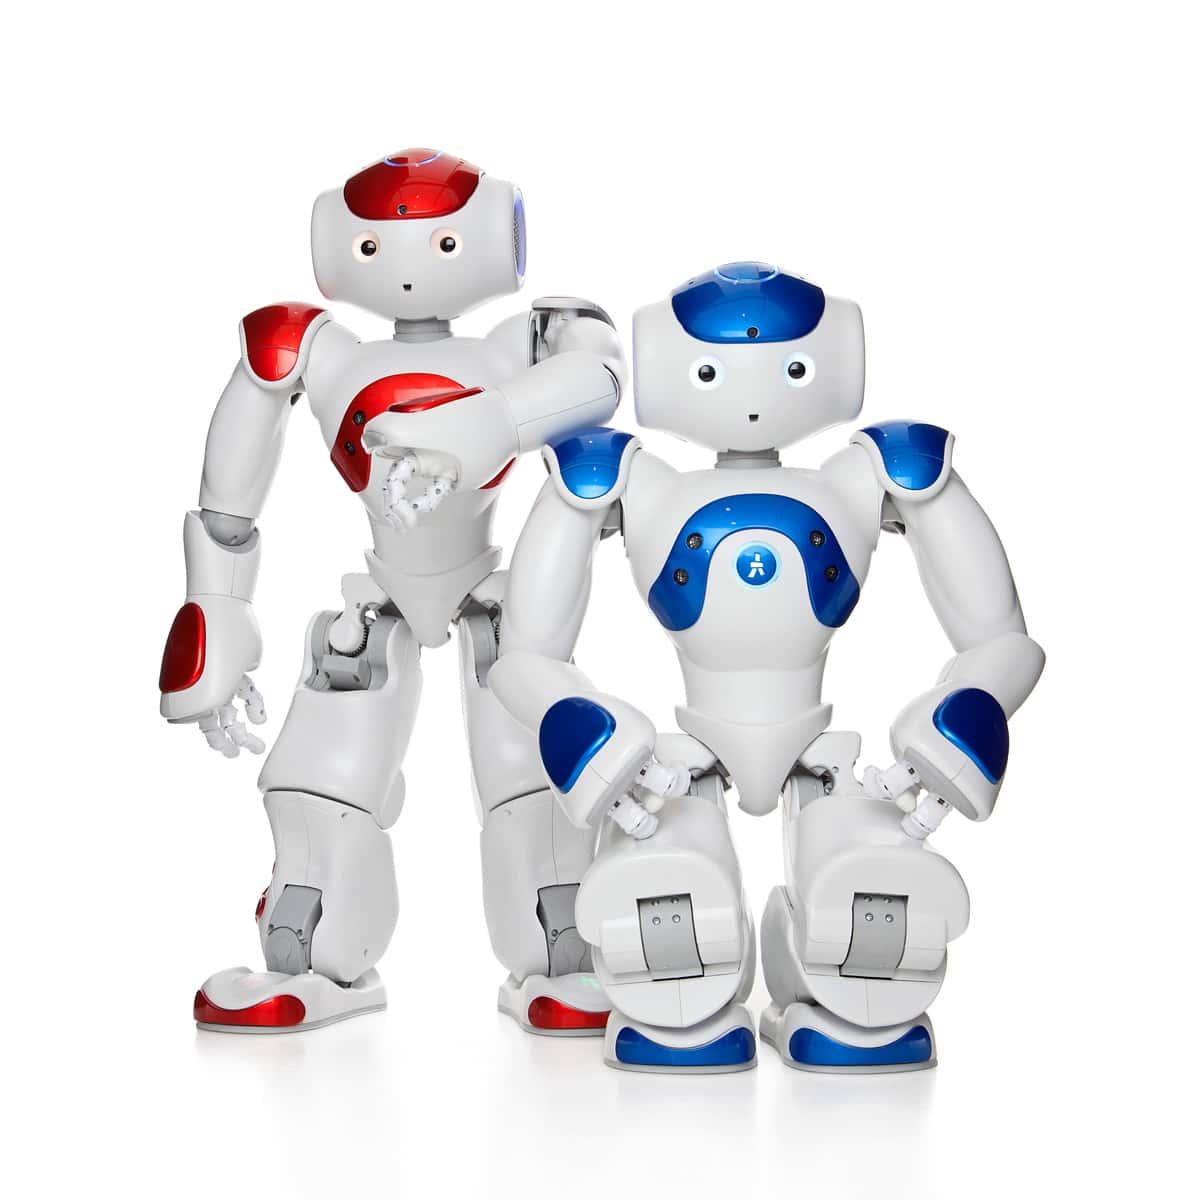 BEHAVIOUR DESIGN OF NAO HUMANOID ROBOT